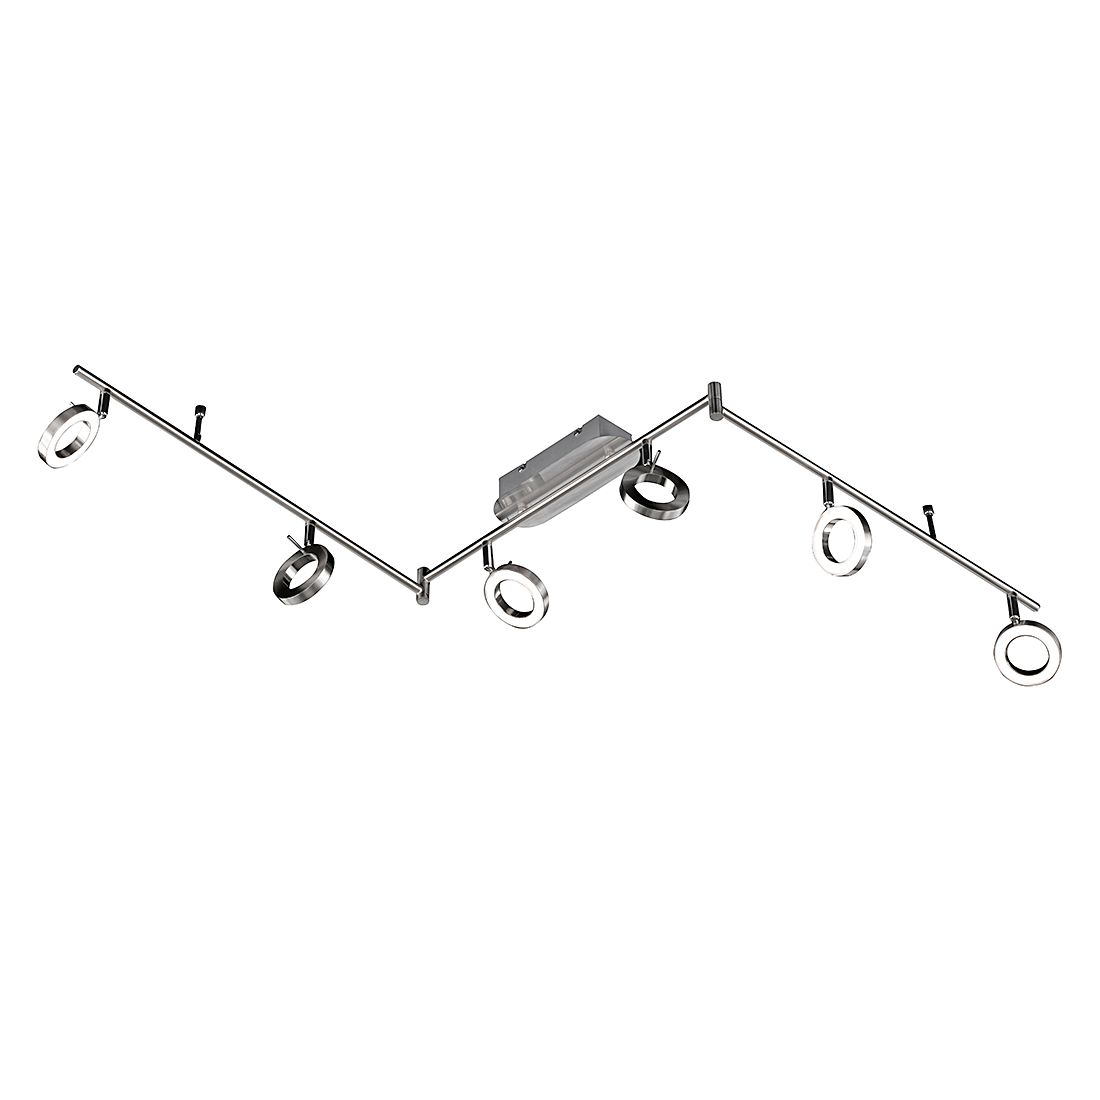 energie  A+, Plafondlamp MONZA - metaal/kunststof 6 lichtbronnen, Action